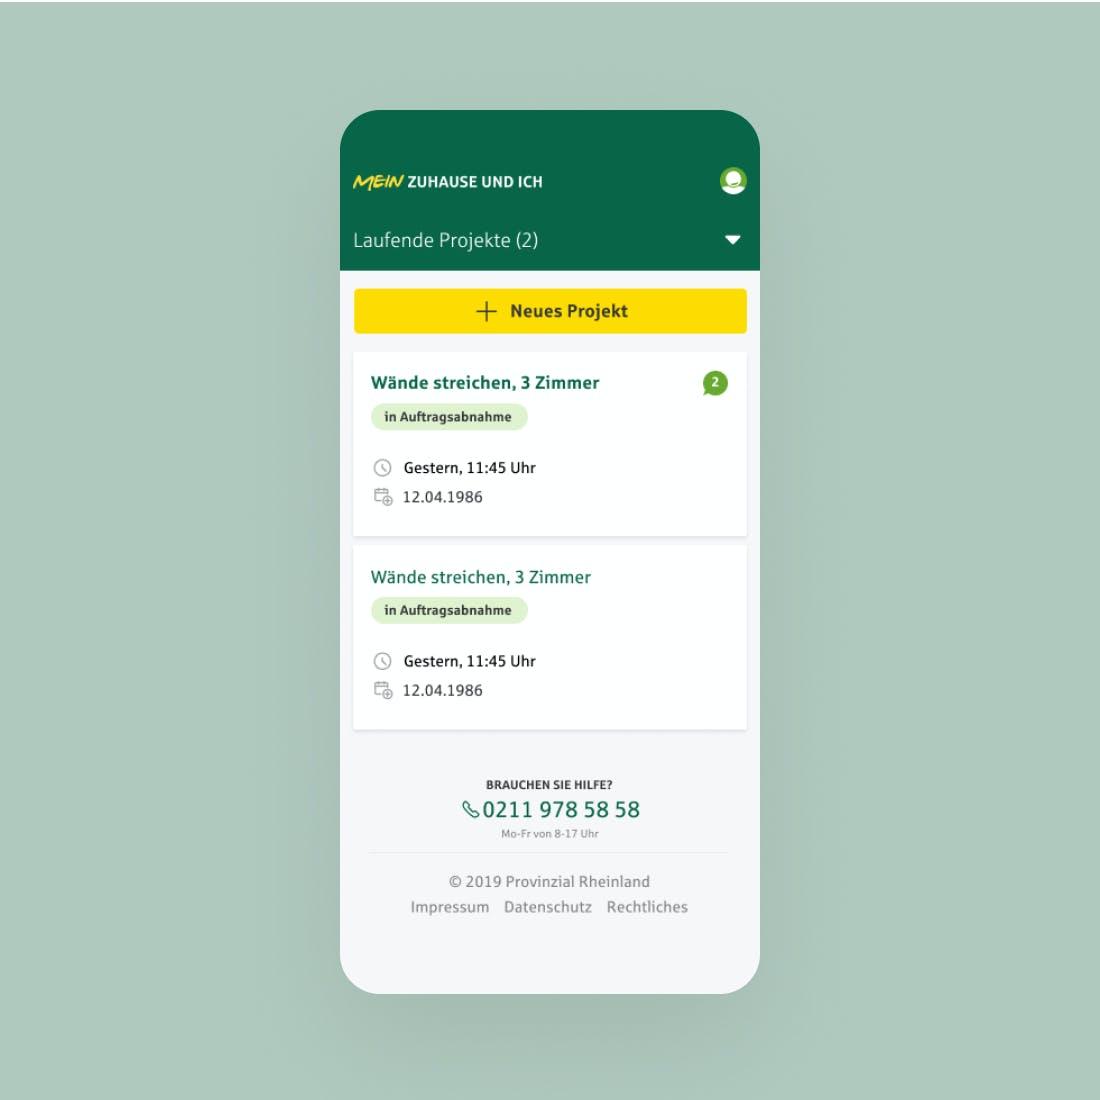 Interface von einem digitalen Produkt der Provinzial Rheinland